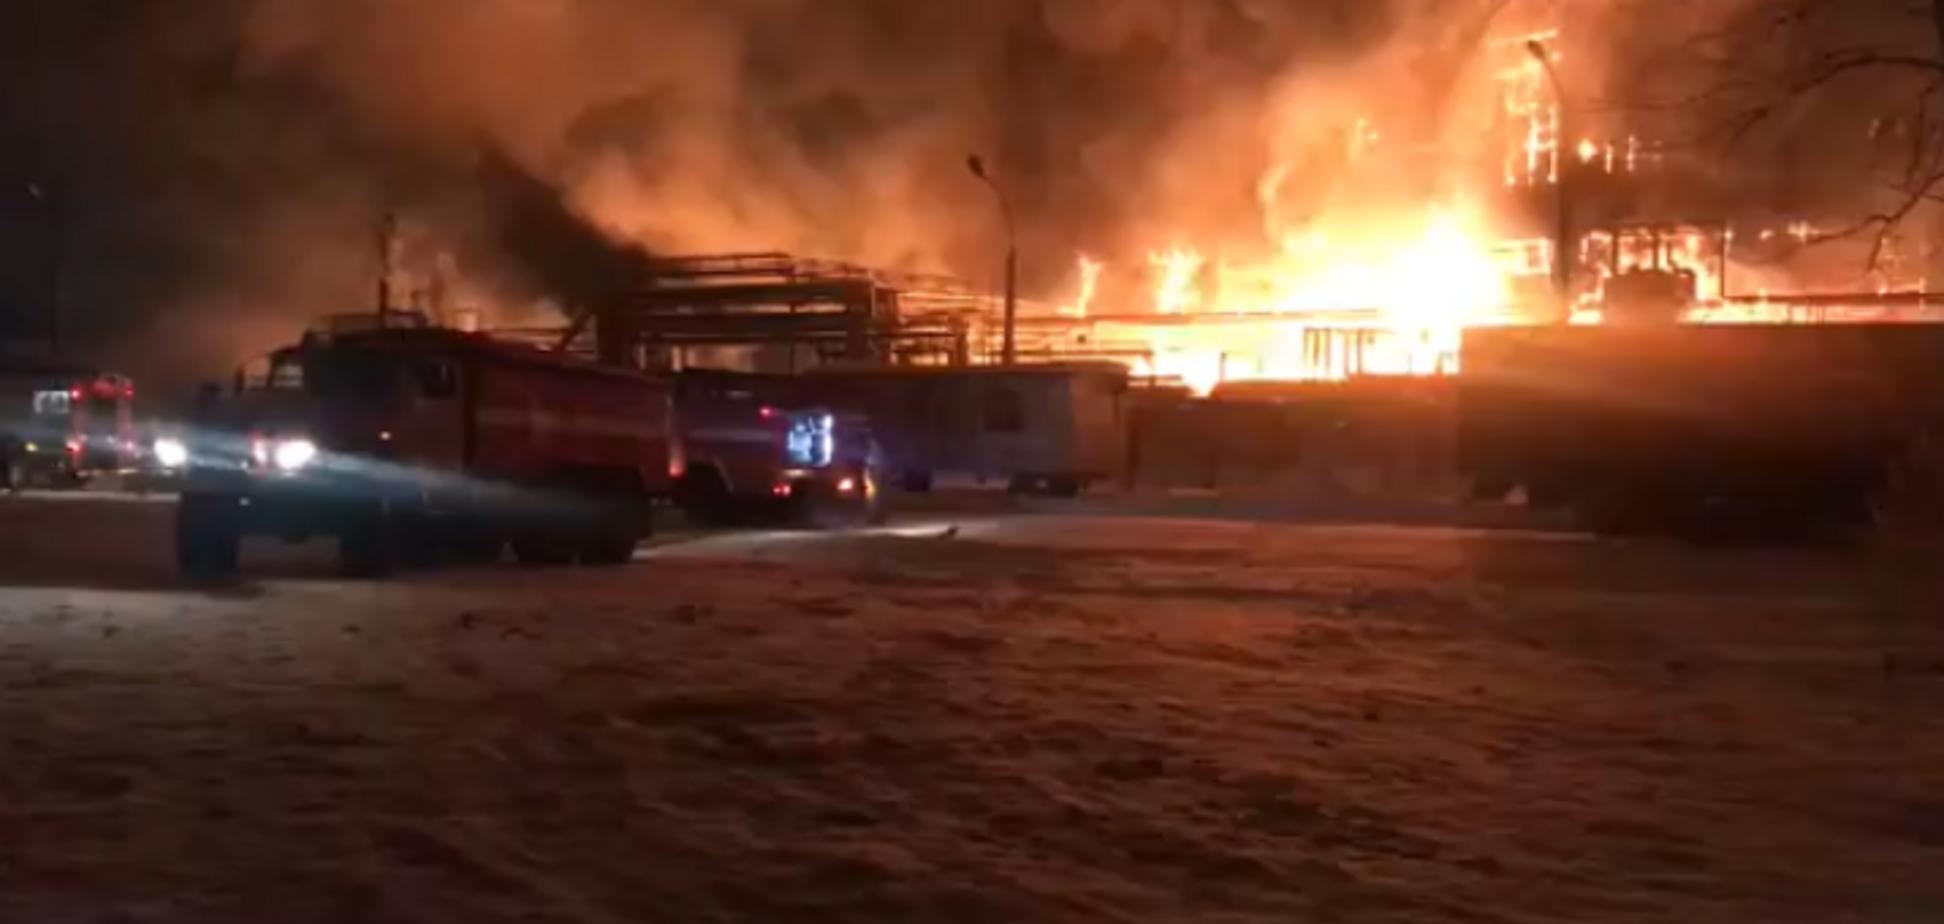 У Росії спалахнула страшна пожежа на заводі 'Нафтохім': подробиці, фото й відео